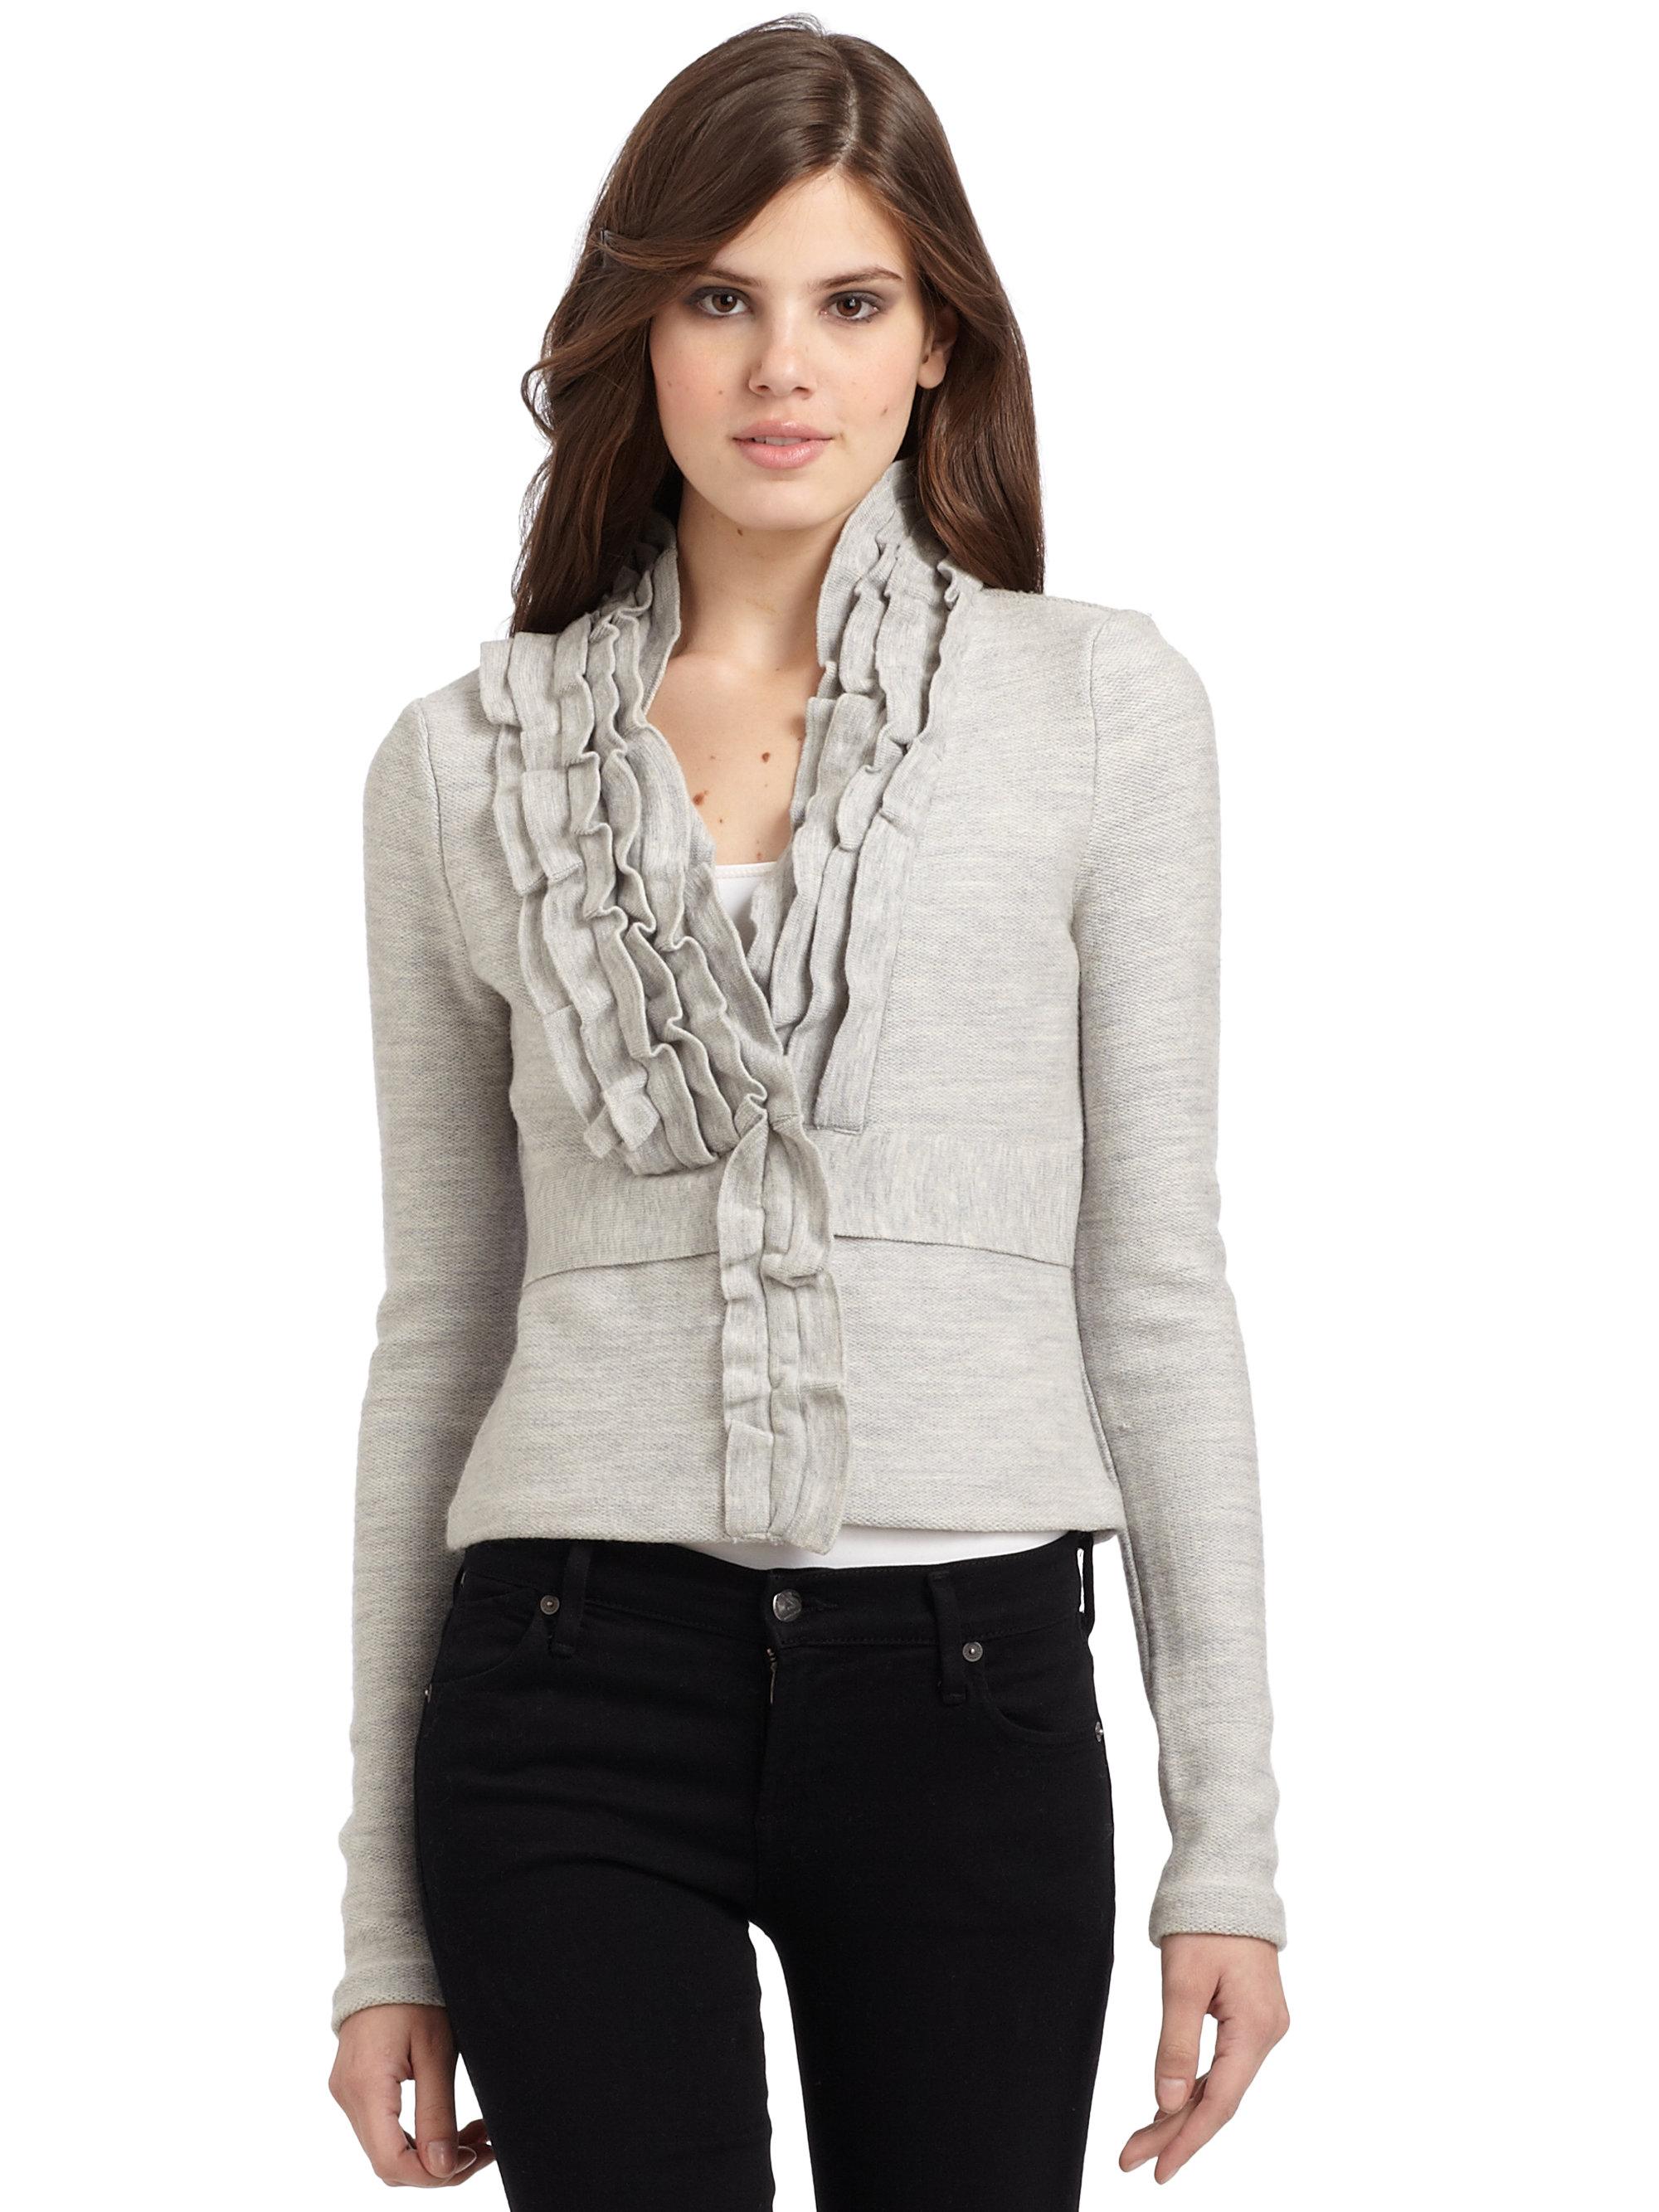 Knitting Cardigan Collar : Lyst bcbgmaxazria wool knit ruffle collar cardigan in gray